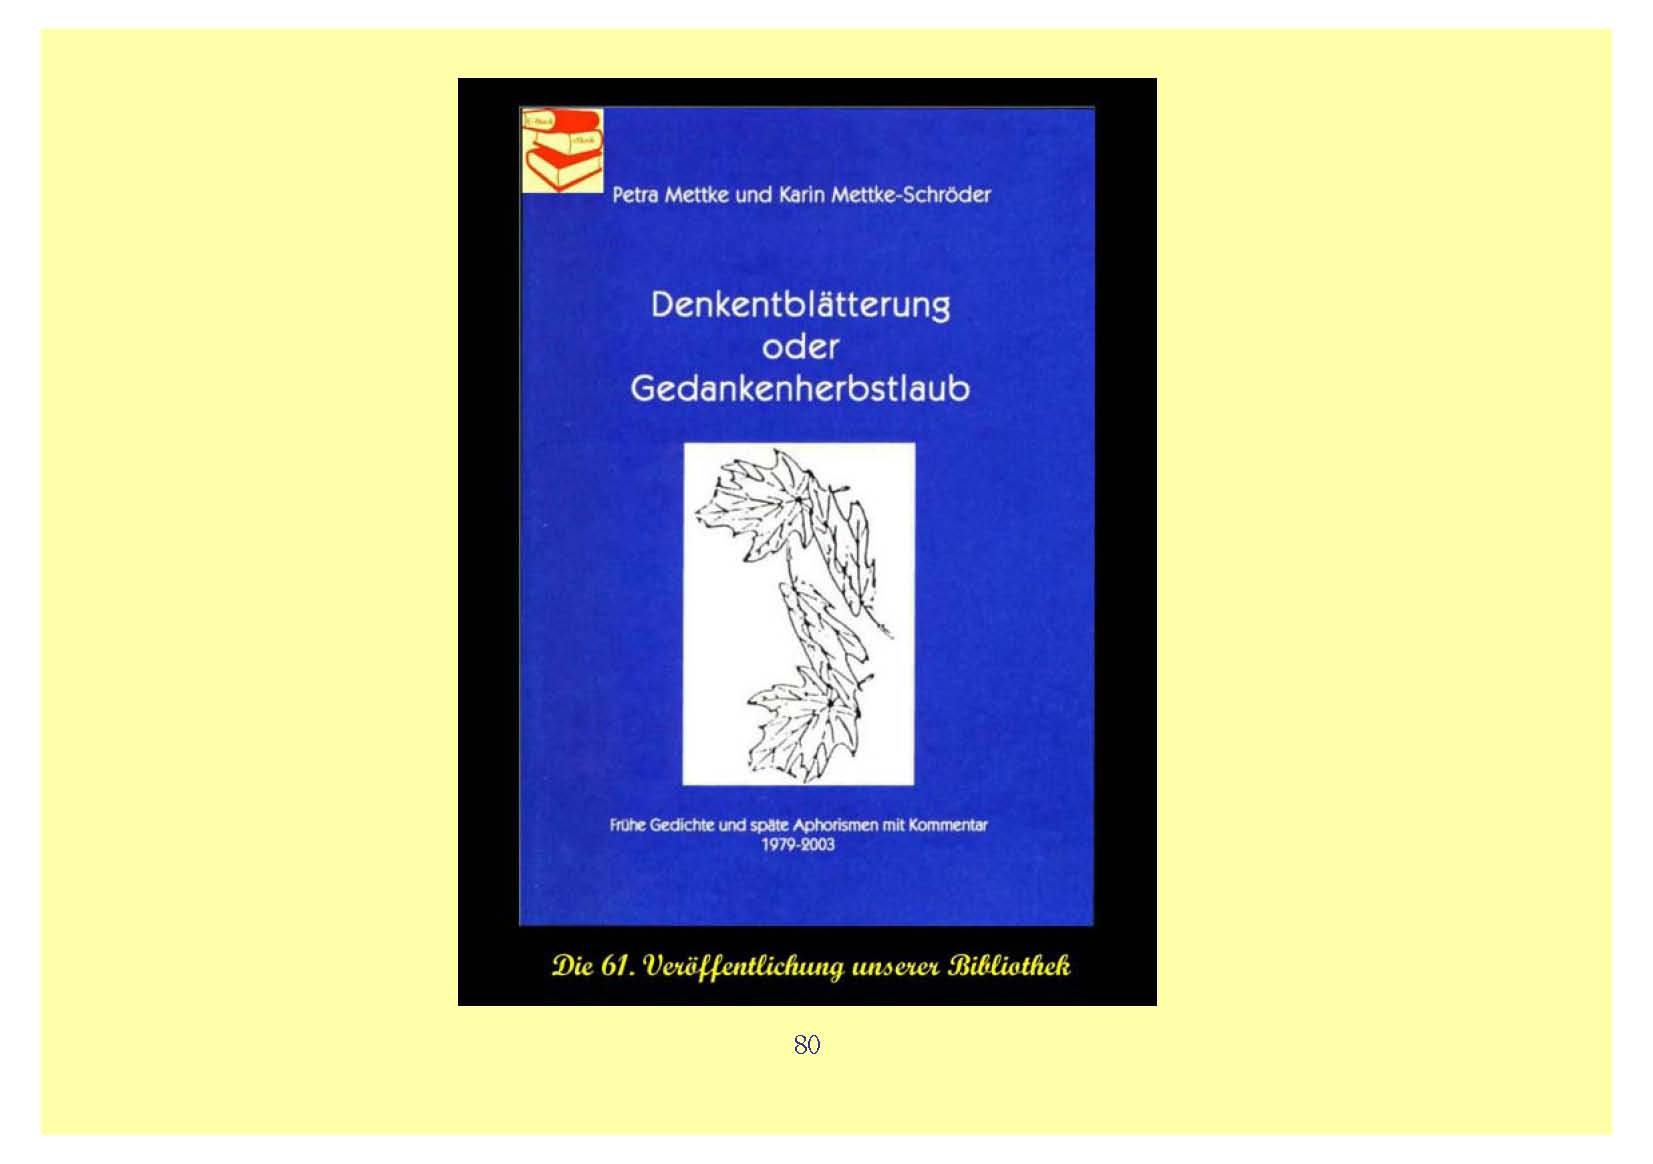 ™Gigabuch-Bibliothek/iAutobiographie Band 2/Bild 0155